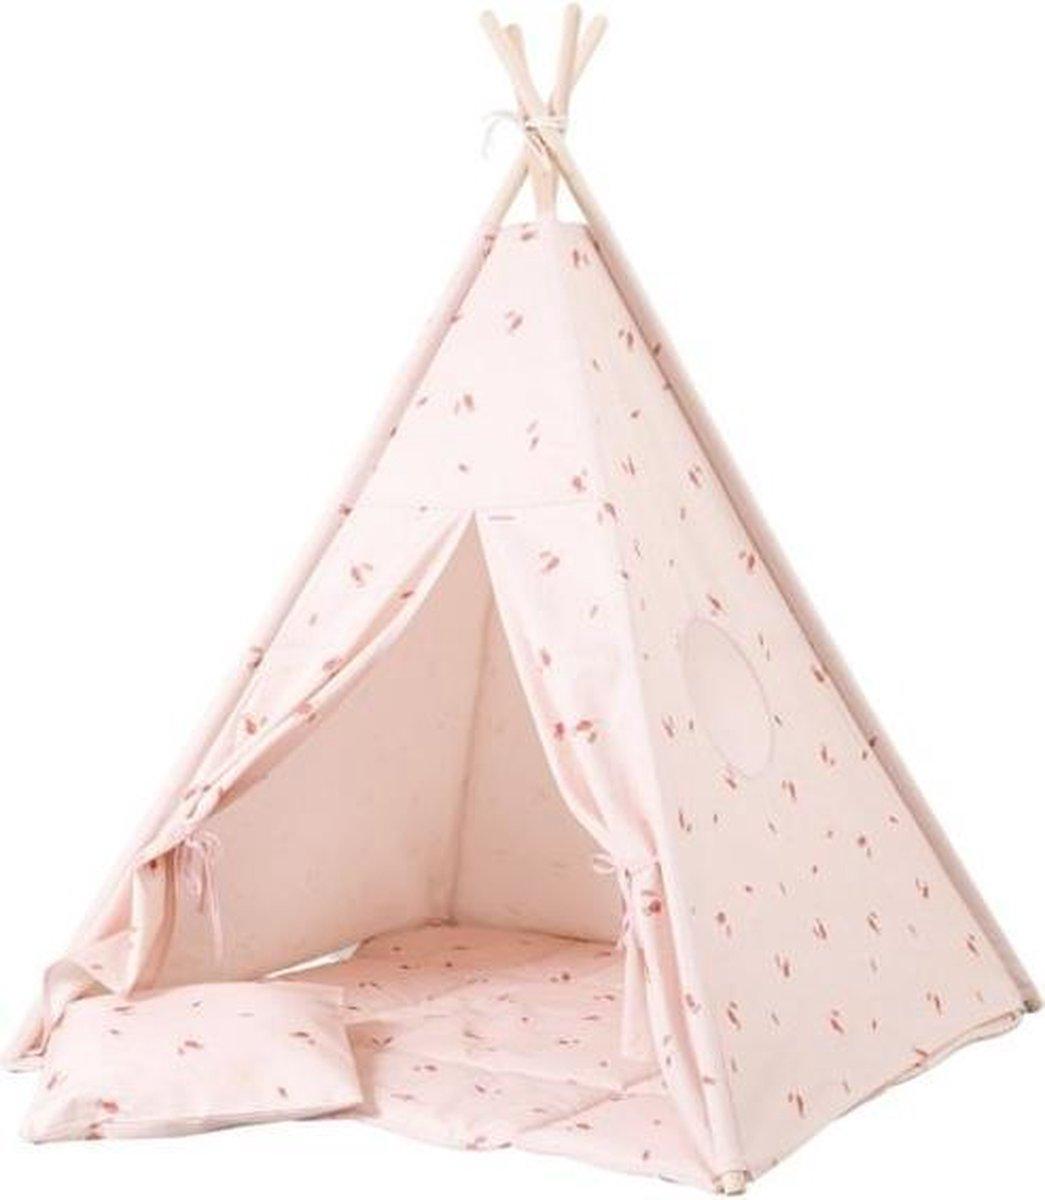 Tipi Tent / Speeltent Kinderkamer Misty Rose - Speeltent voor Kinderen - Kindertent - Indianentent - Wigwam 100x100x120cm